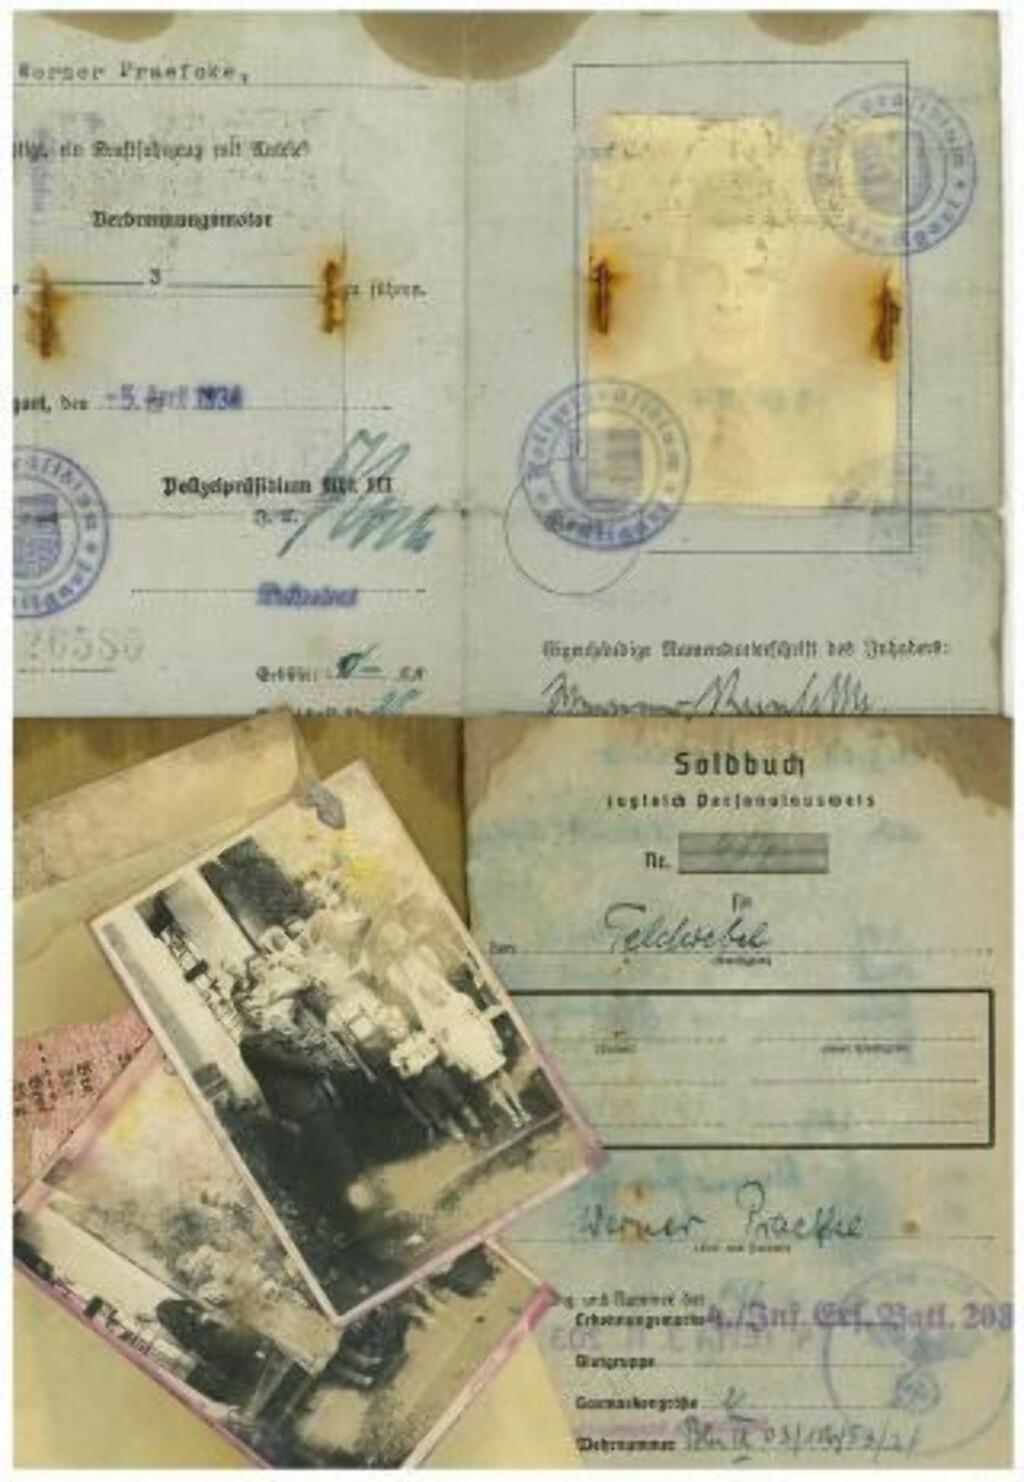 FANT EN MAPPE I FJÆRA: En ung mann fant en mappe med tyske dokumenter som stammer fra Blücher.